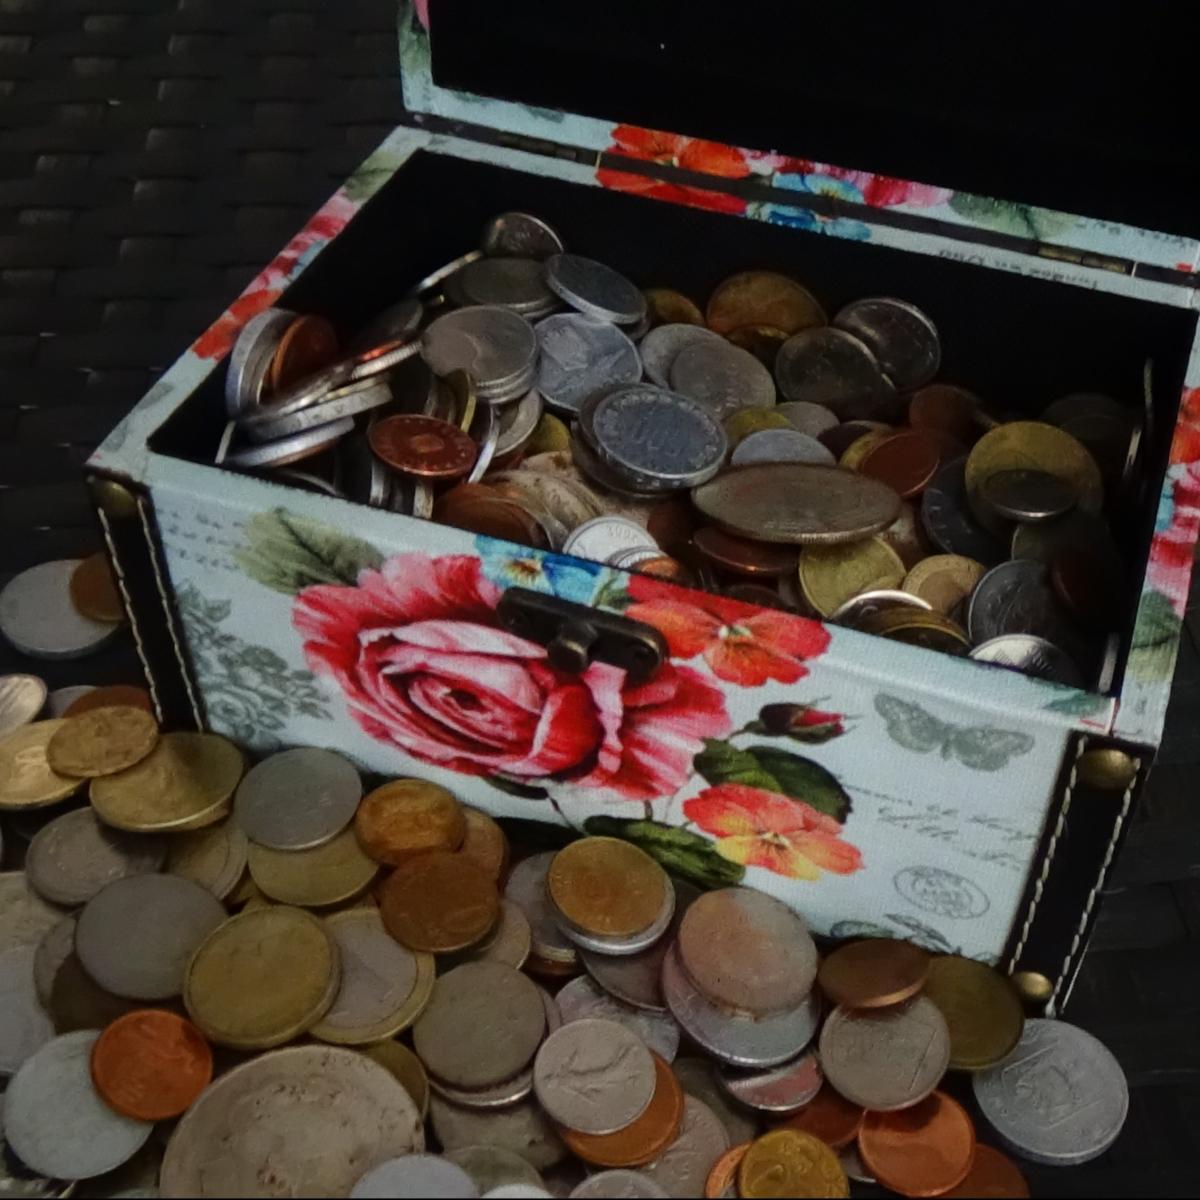 Am incercat trei metode de a curata monedele vechi gasite cu detectorul demetale